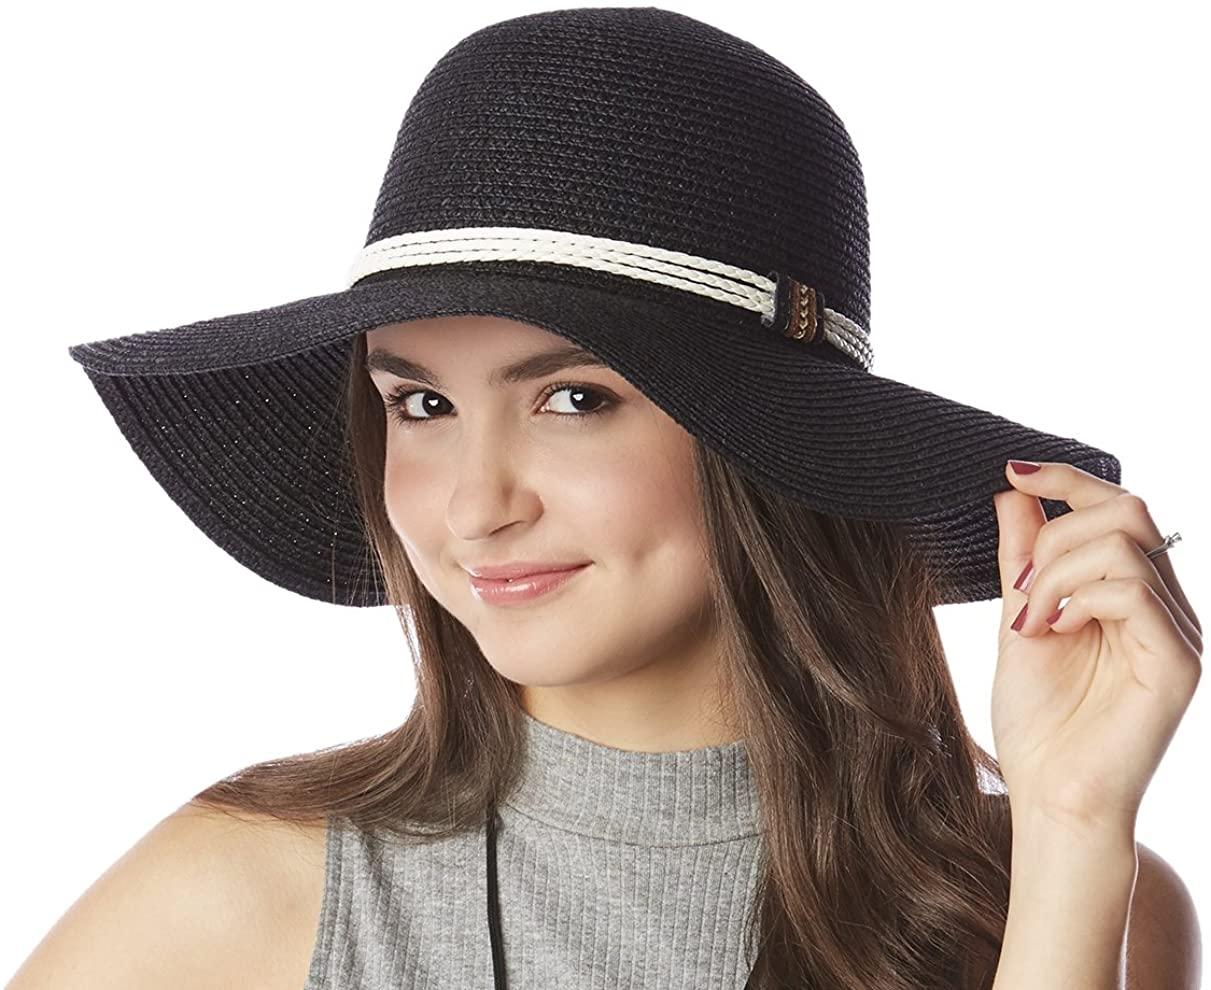 RainierSun Women's Waikiki Hat